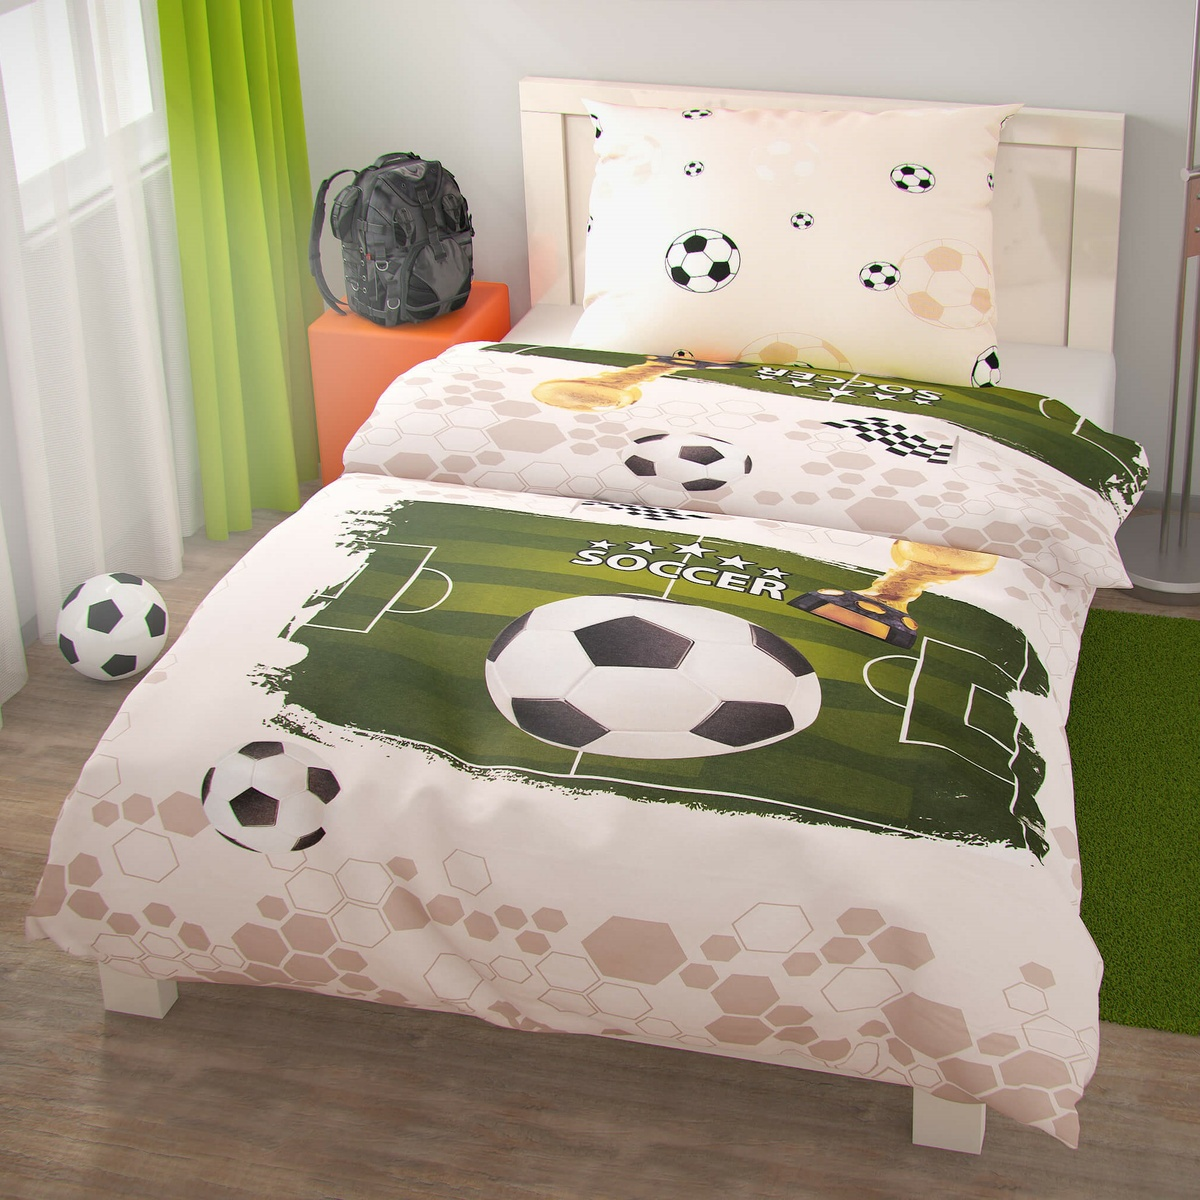 Kvalitex Bavlněné povlečení Fotbal, 140 x 200 cm, 70 x 90 cm